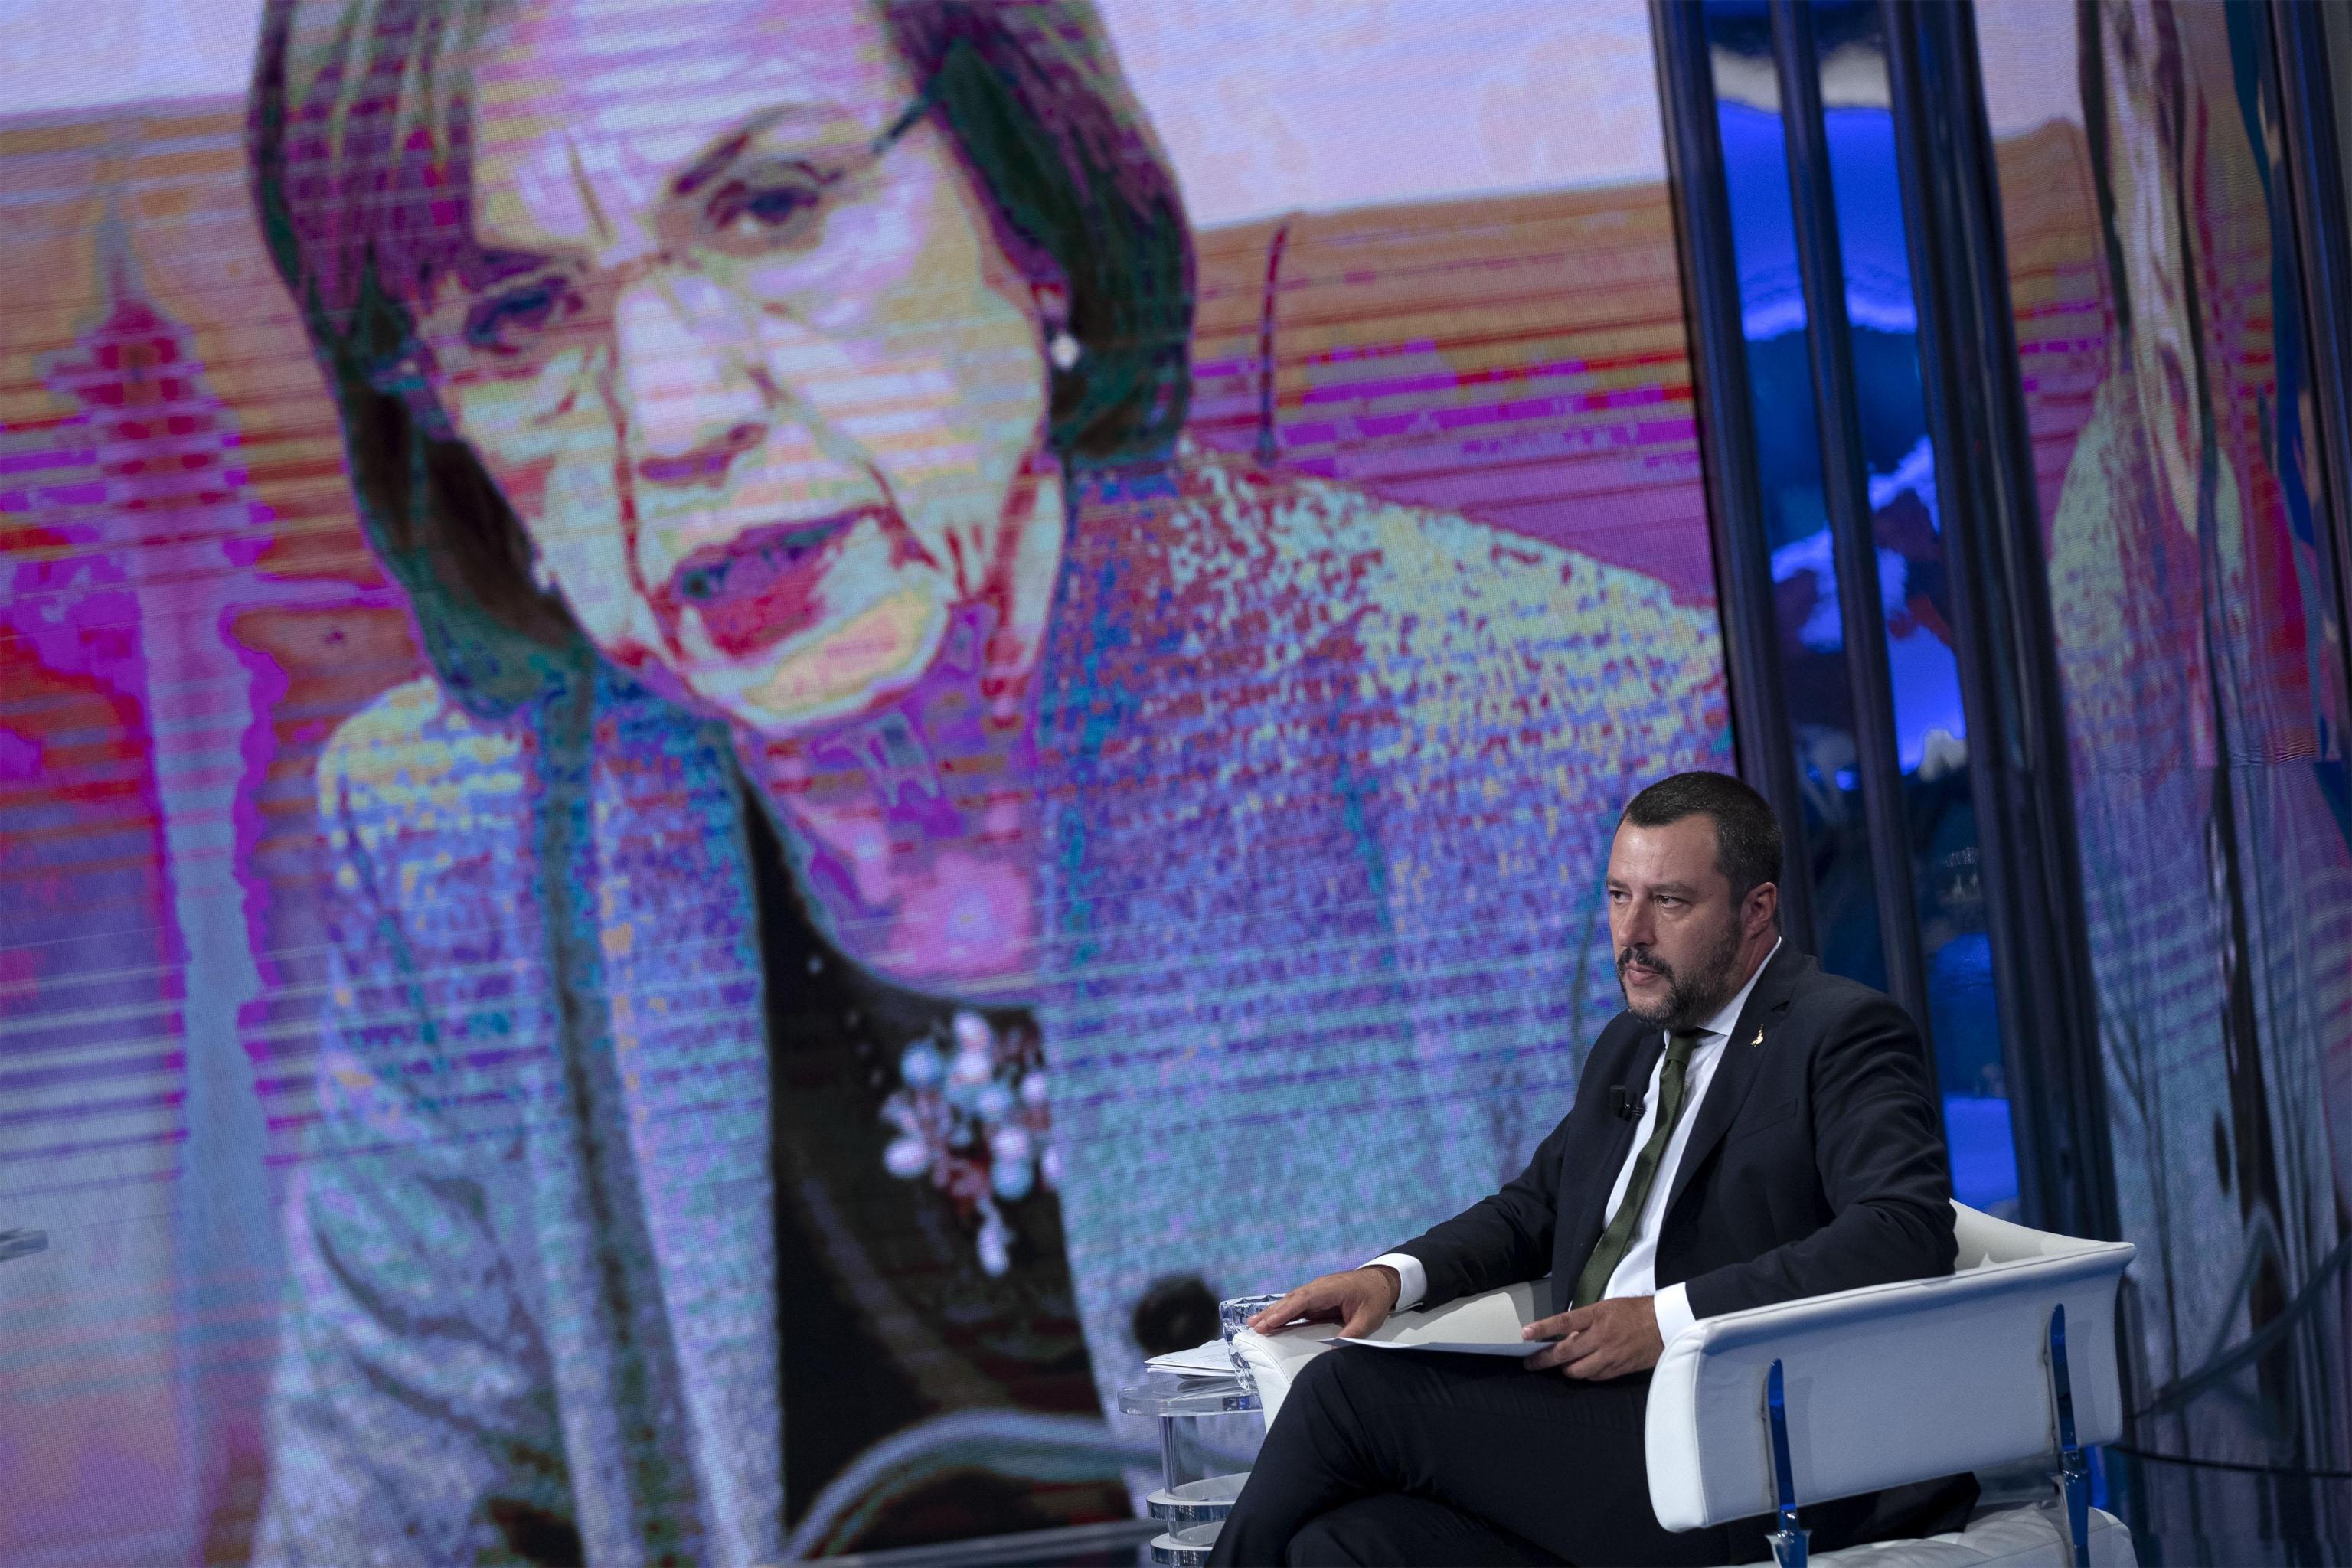 Quota 100, come funziona la pensione secondo Salvini e Di Maio